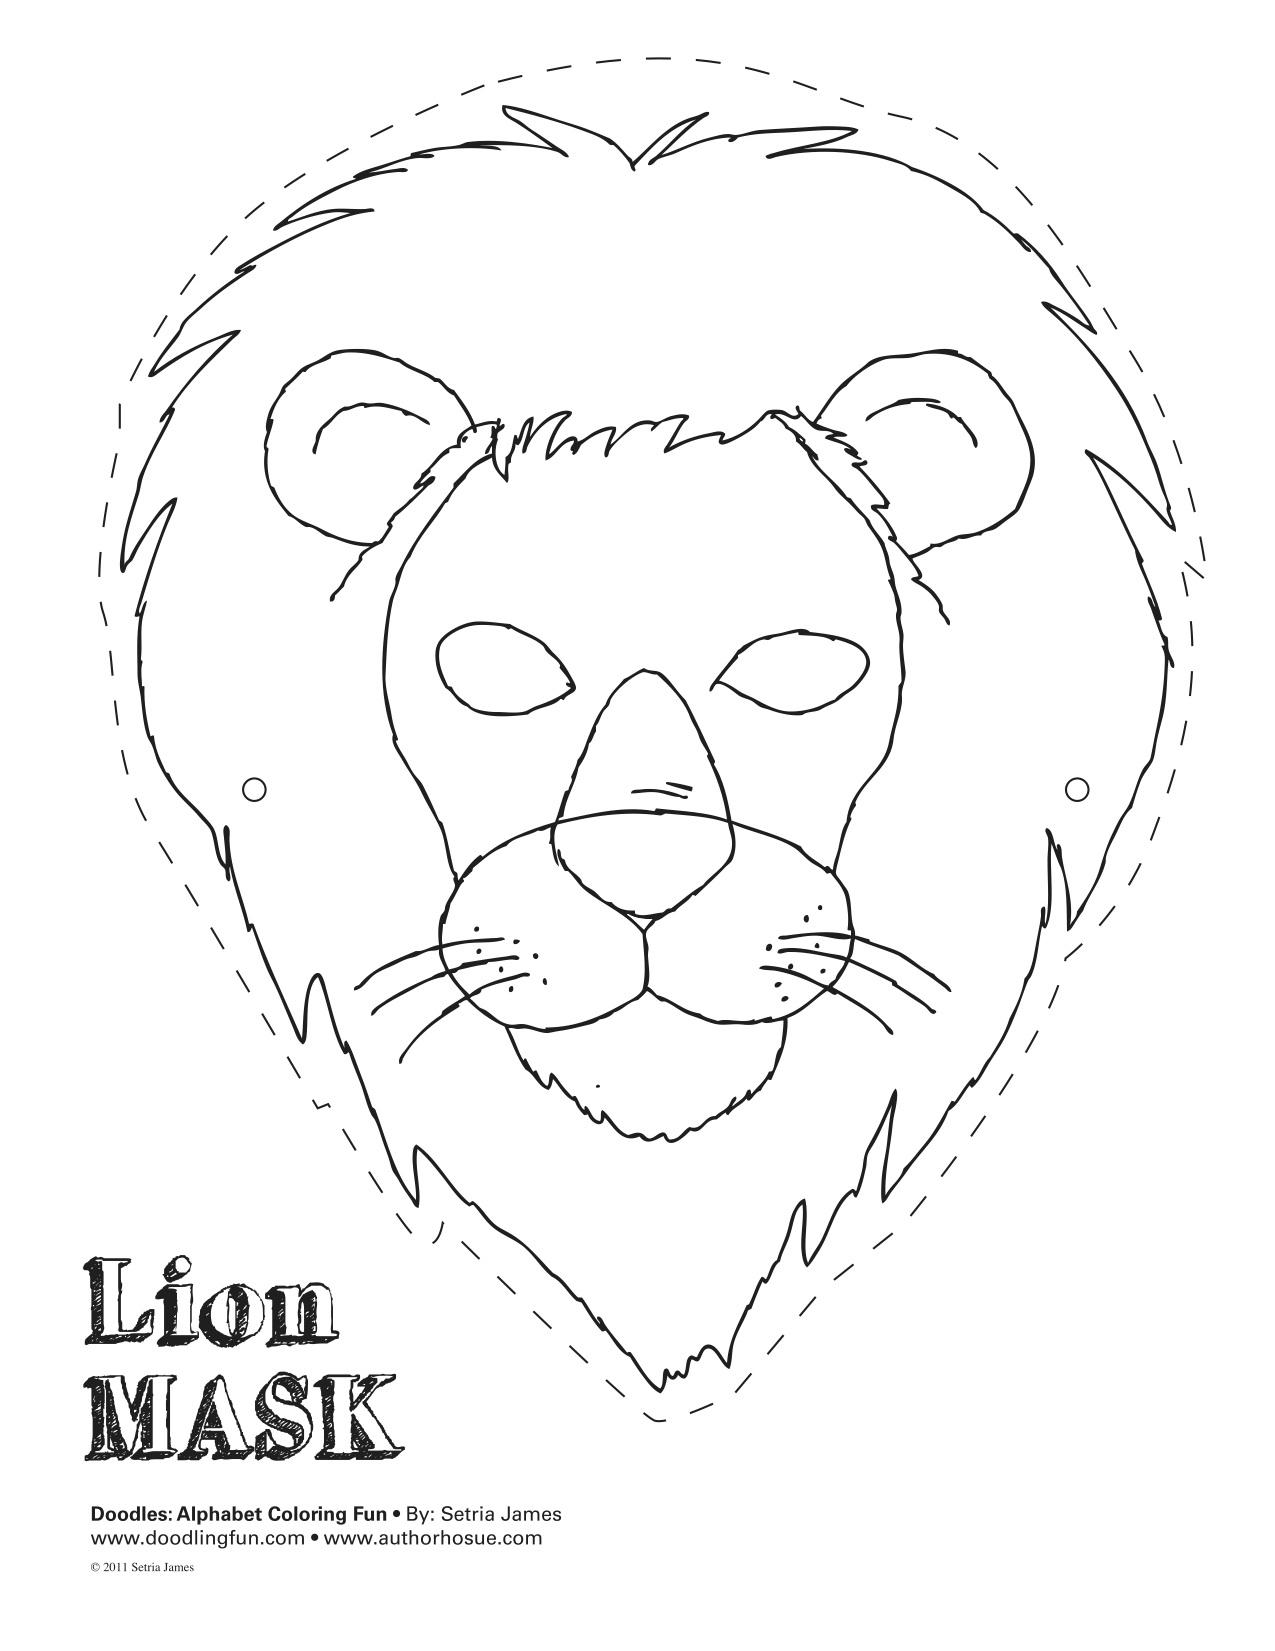 Printable Lion Mask Template - Printable 360 Degree - Free Printable Lion Mask